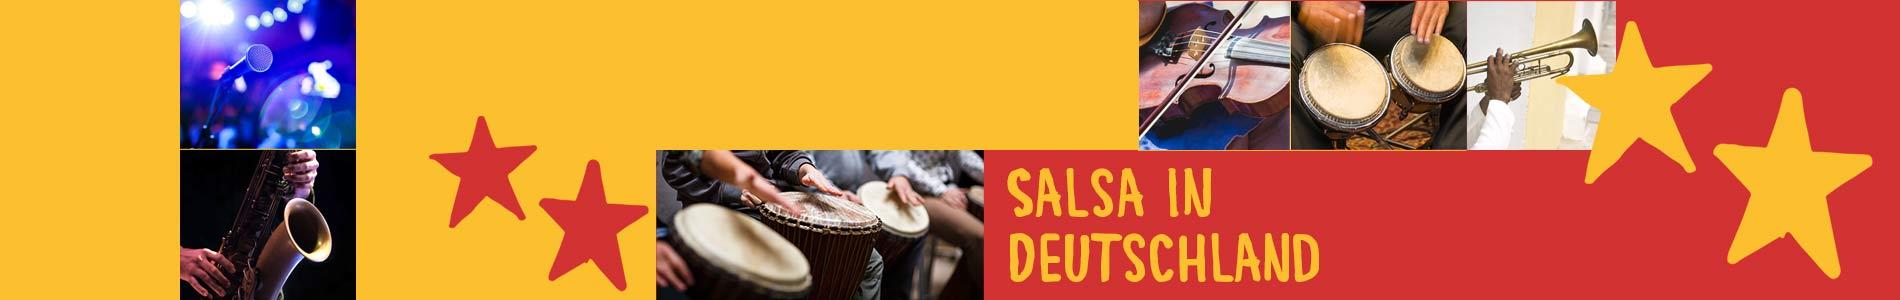 Salsa in Colbitz – Salsa lernen und tanzen, Tanzkurse, Partys, Veranstaltungen